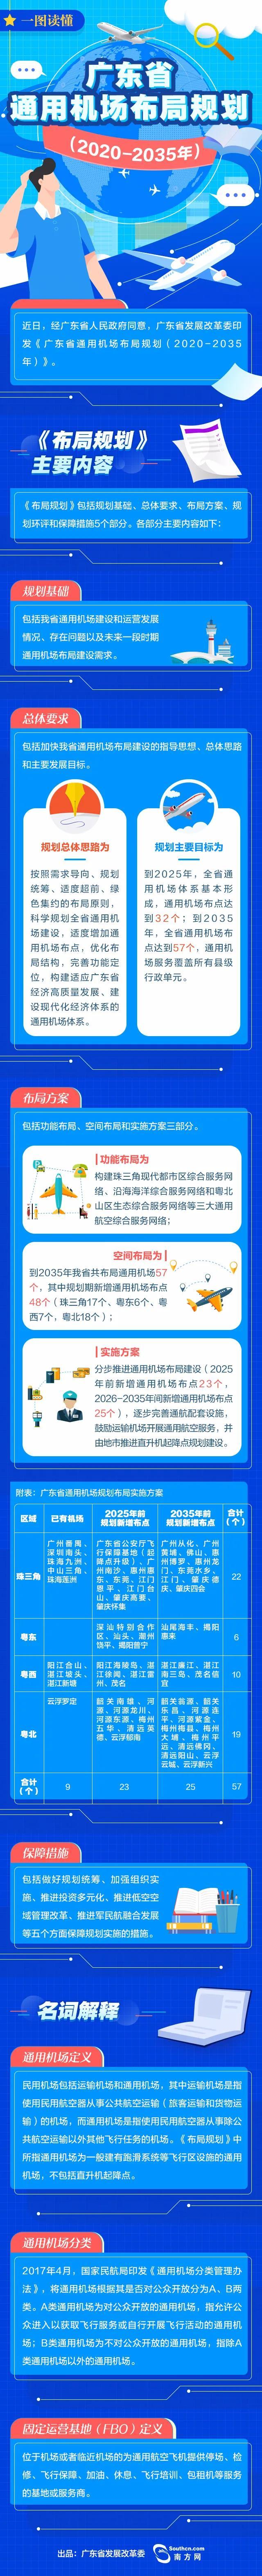 微信图片_20201106183218.jpg